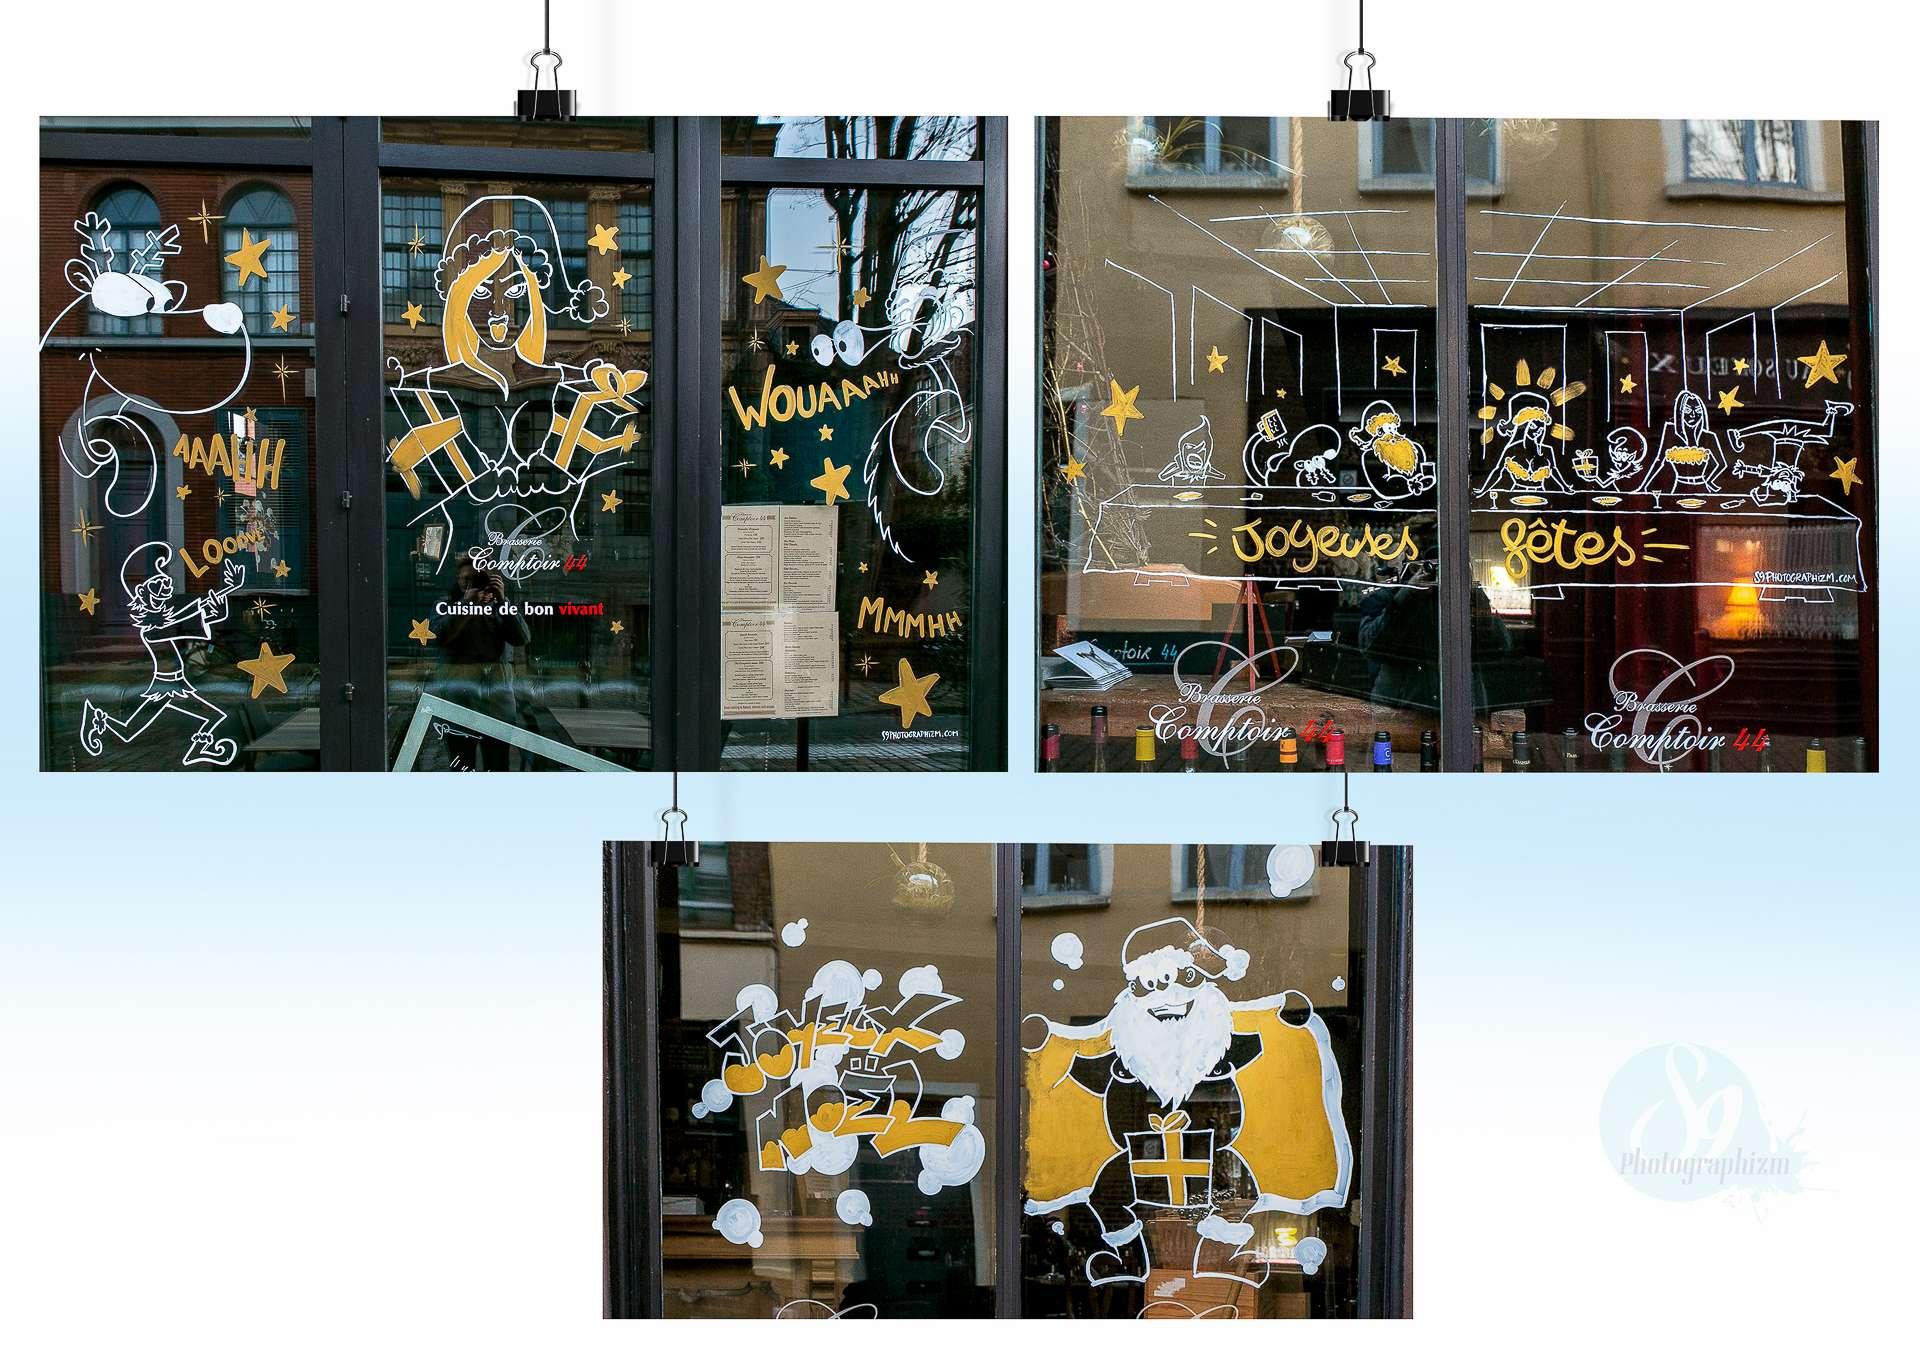 vitrine noel restaurant COMPTOIR 44 rue de gand lille